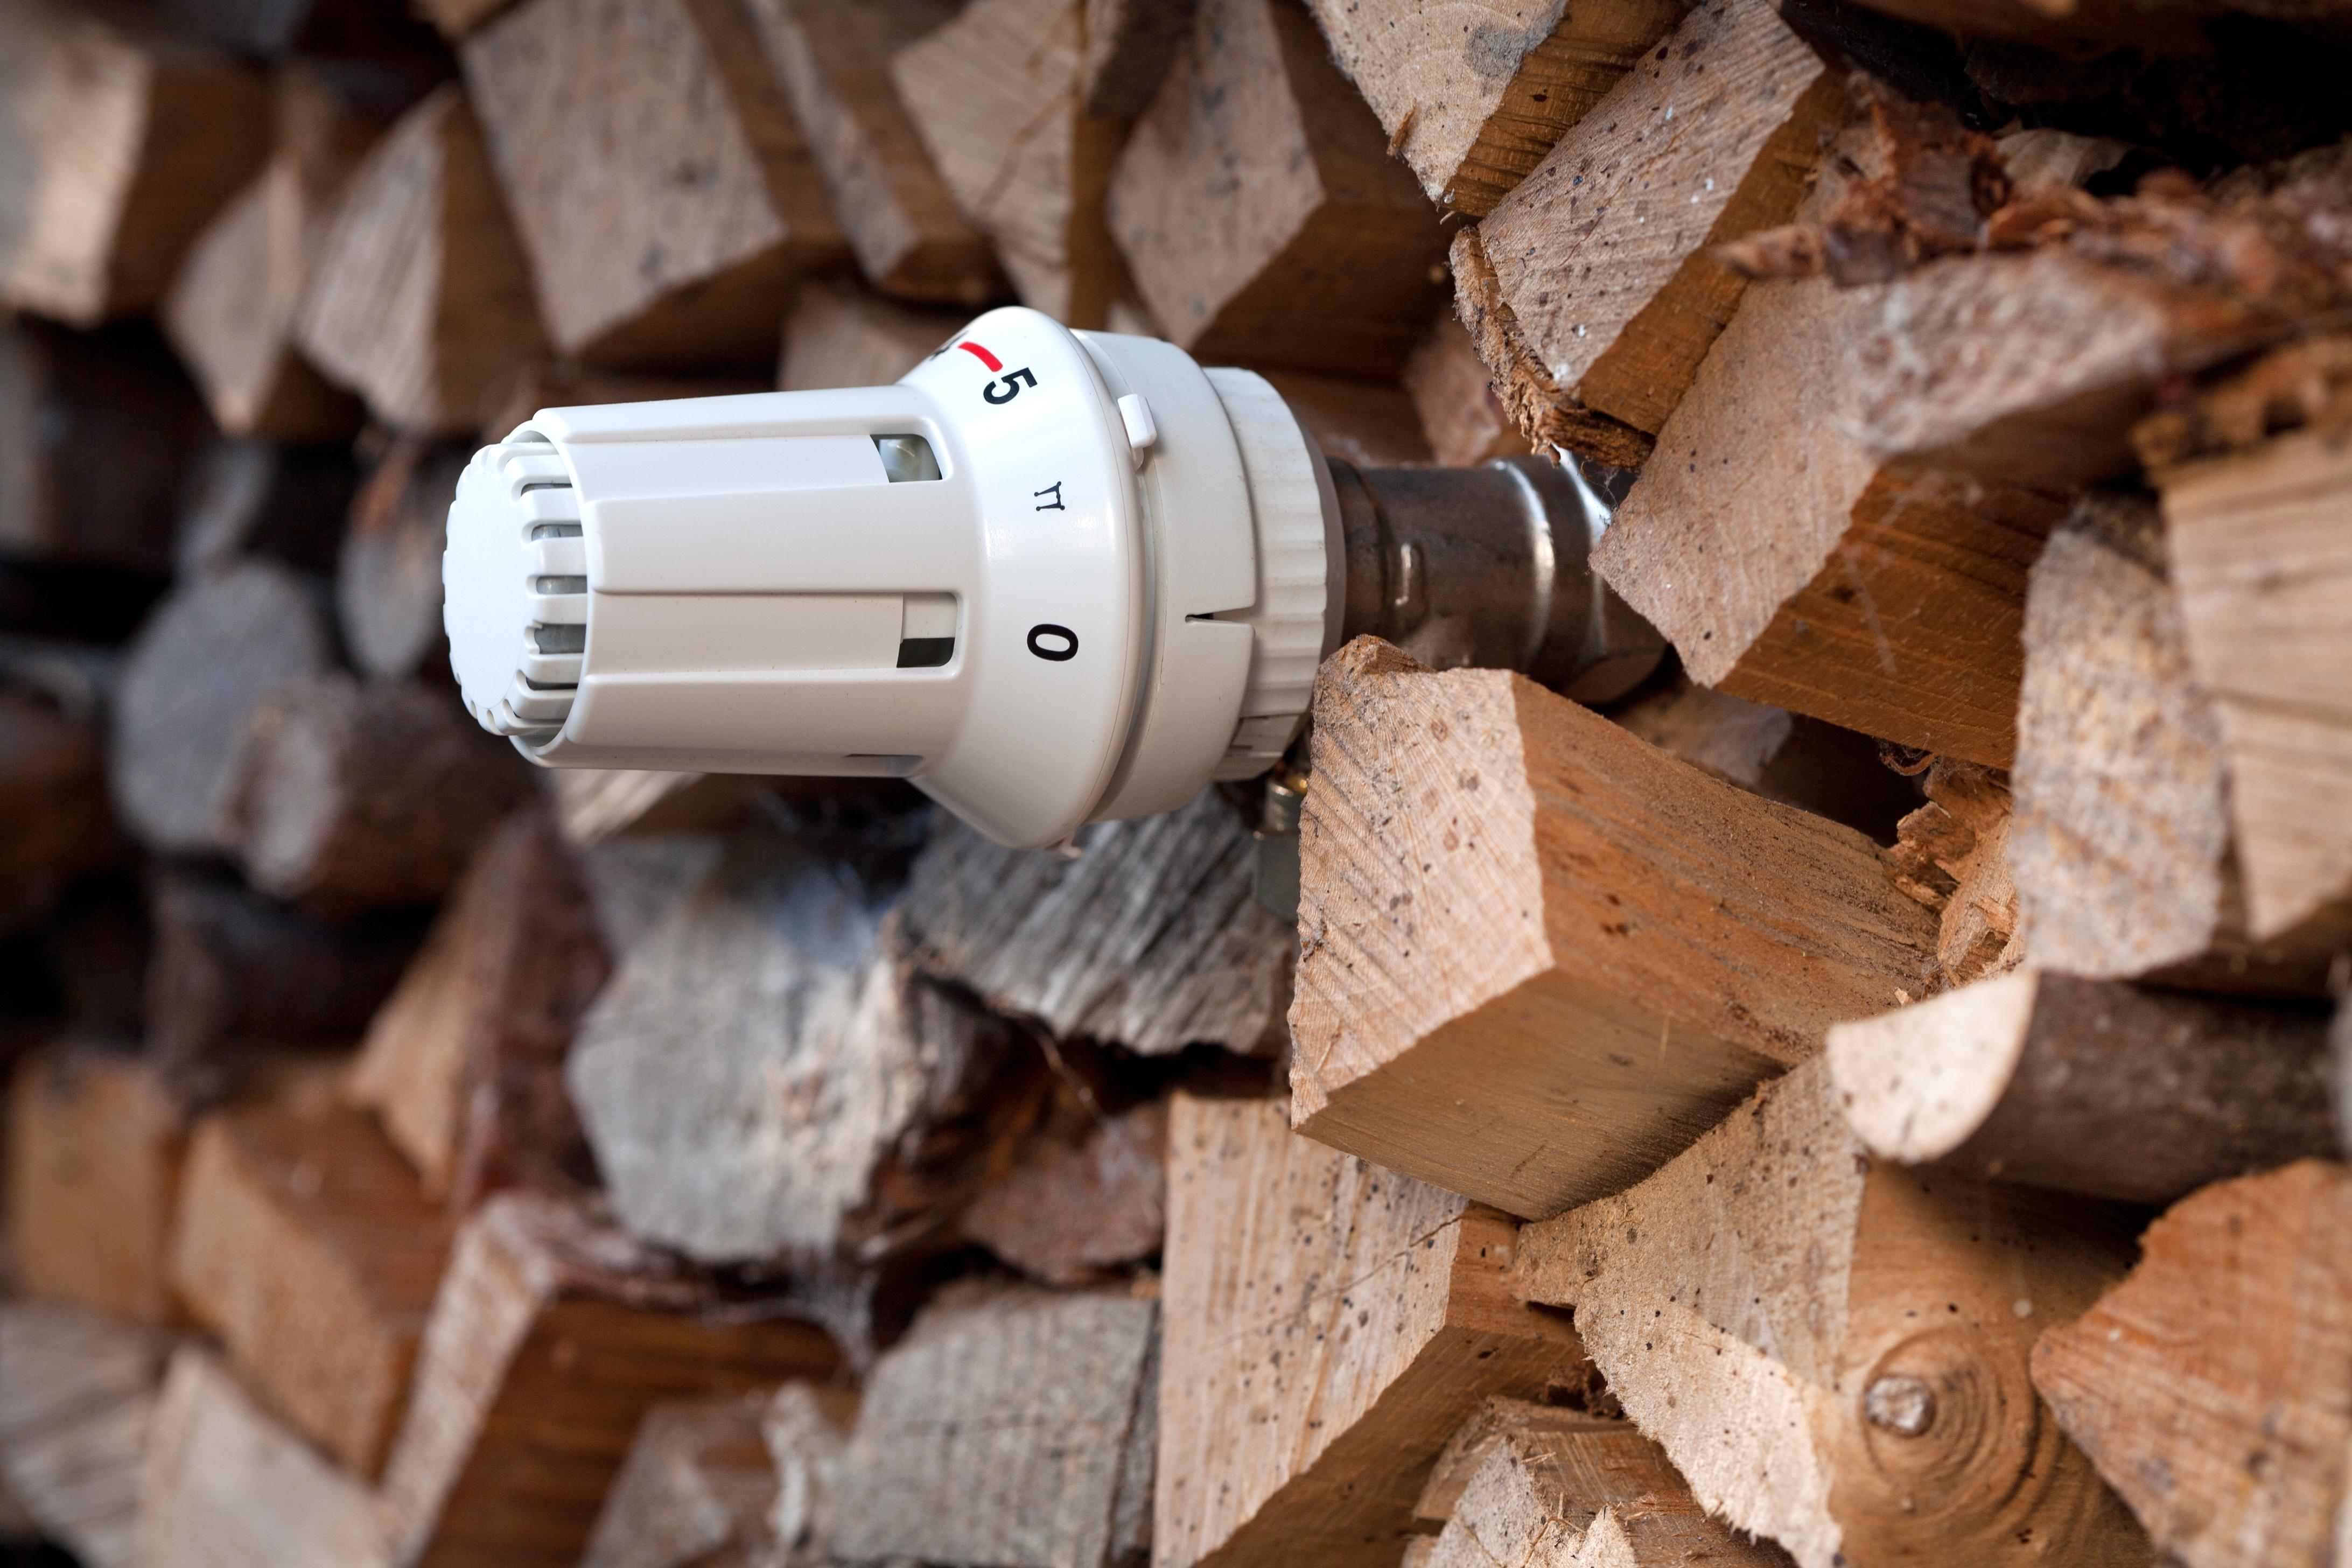 le ch que nergie peut aider payer le bois de chauffage onf energie bois. Black Bedroom Furniture Sets. Home Design Ideas